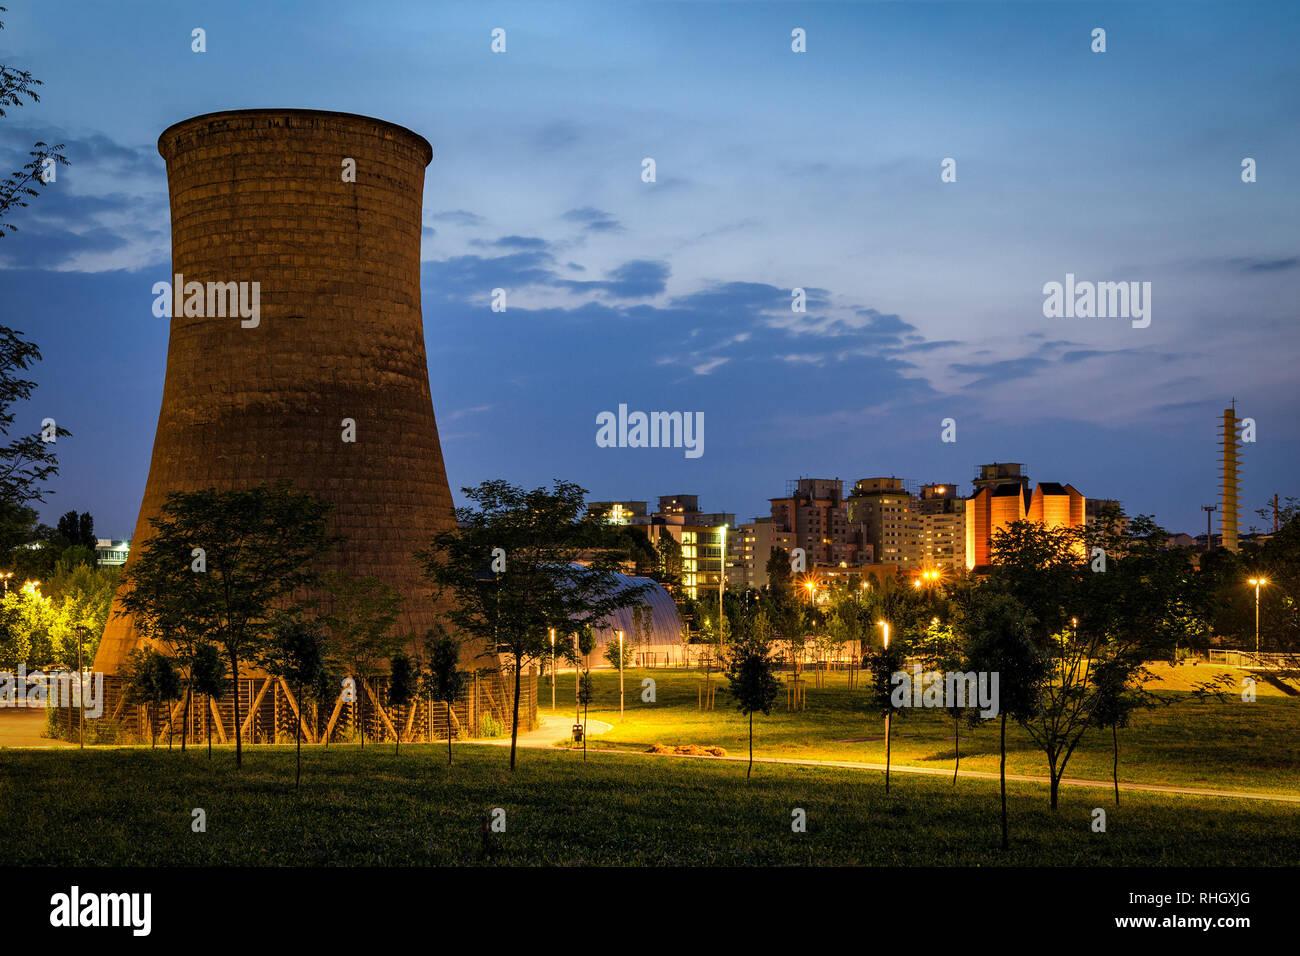 Turin (Torino) Parco Dora avec l'ancien tour de refroidissement de l'usine Michelin Banque D'Images